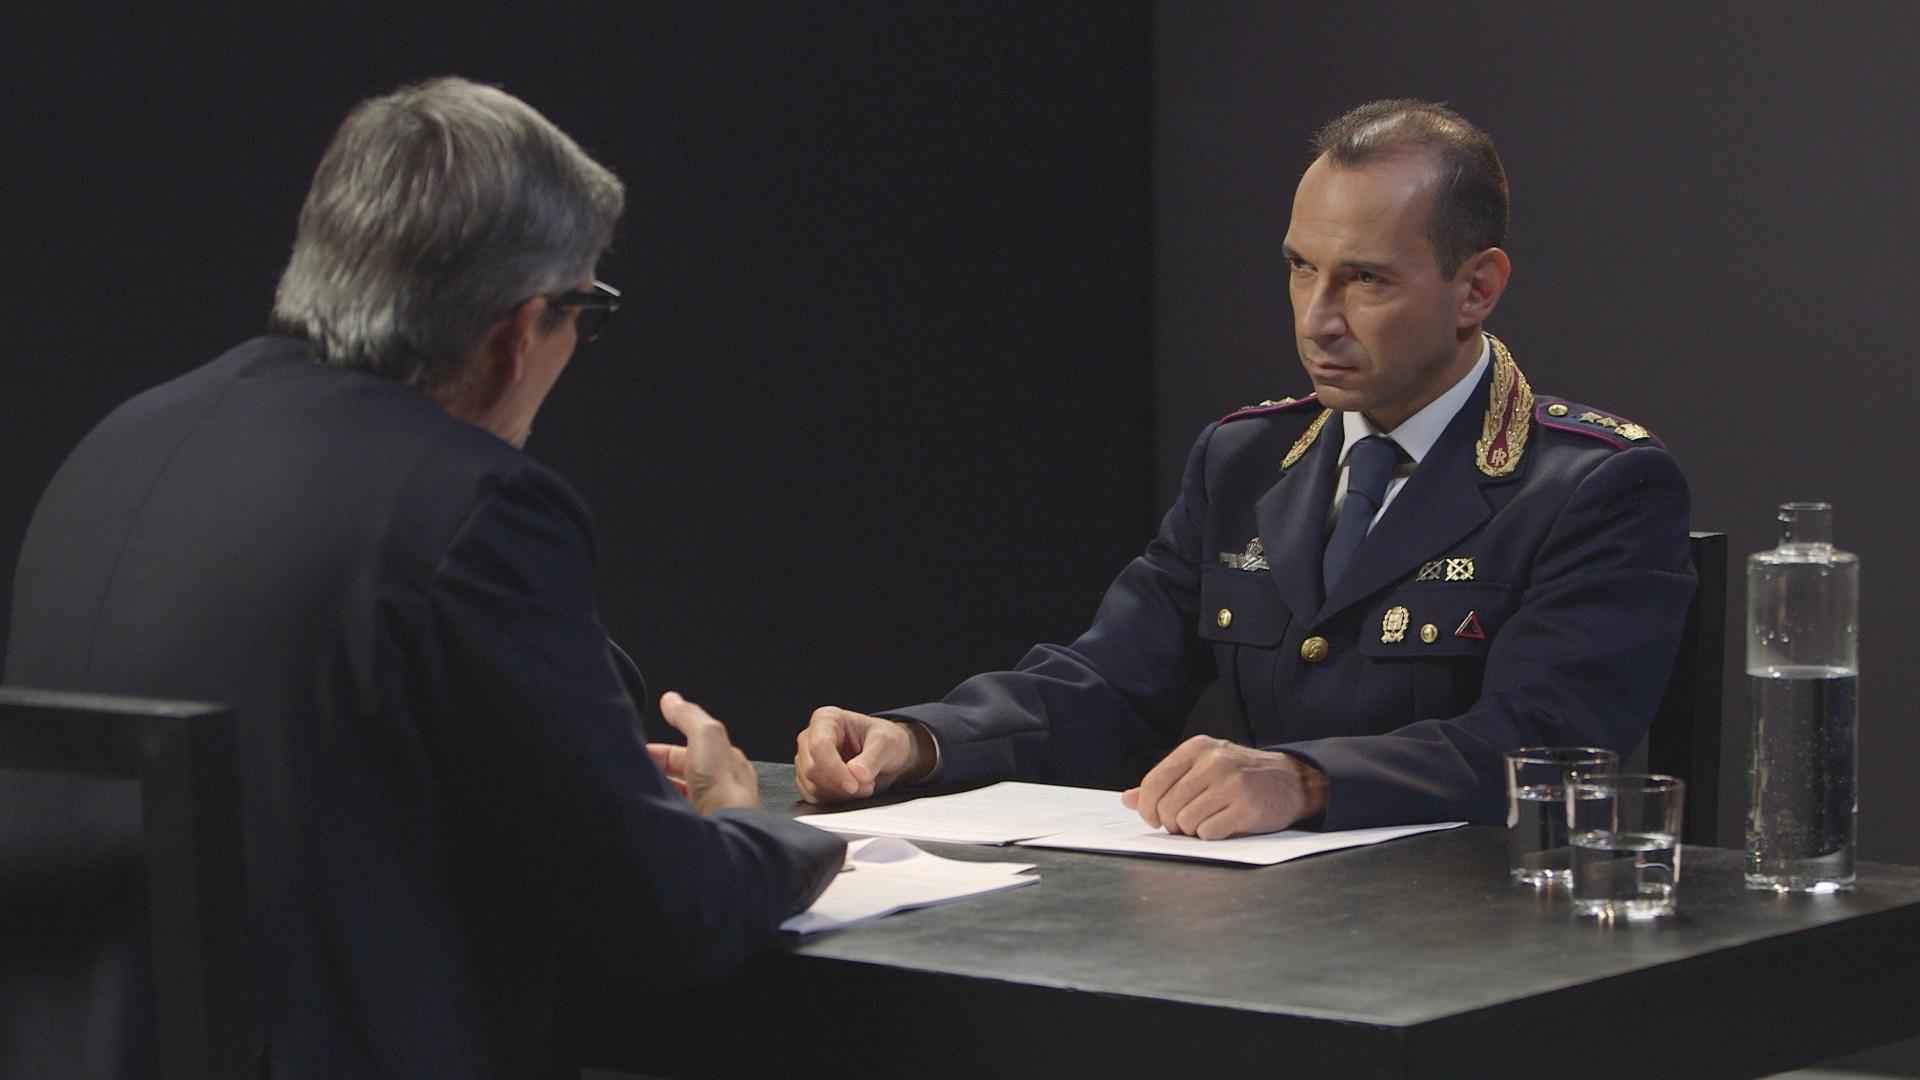 Commissari – sulle tracce del male, al via il programma in collaborazione con la Polizia di Stato